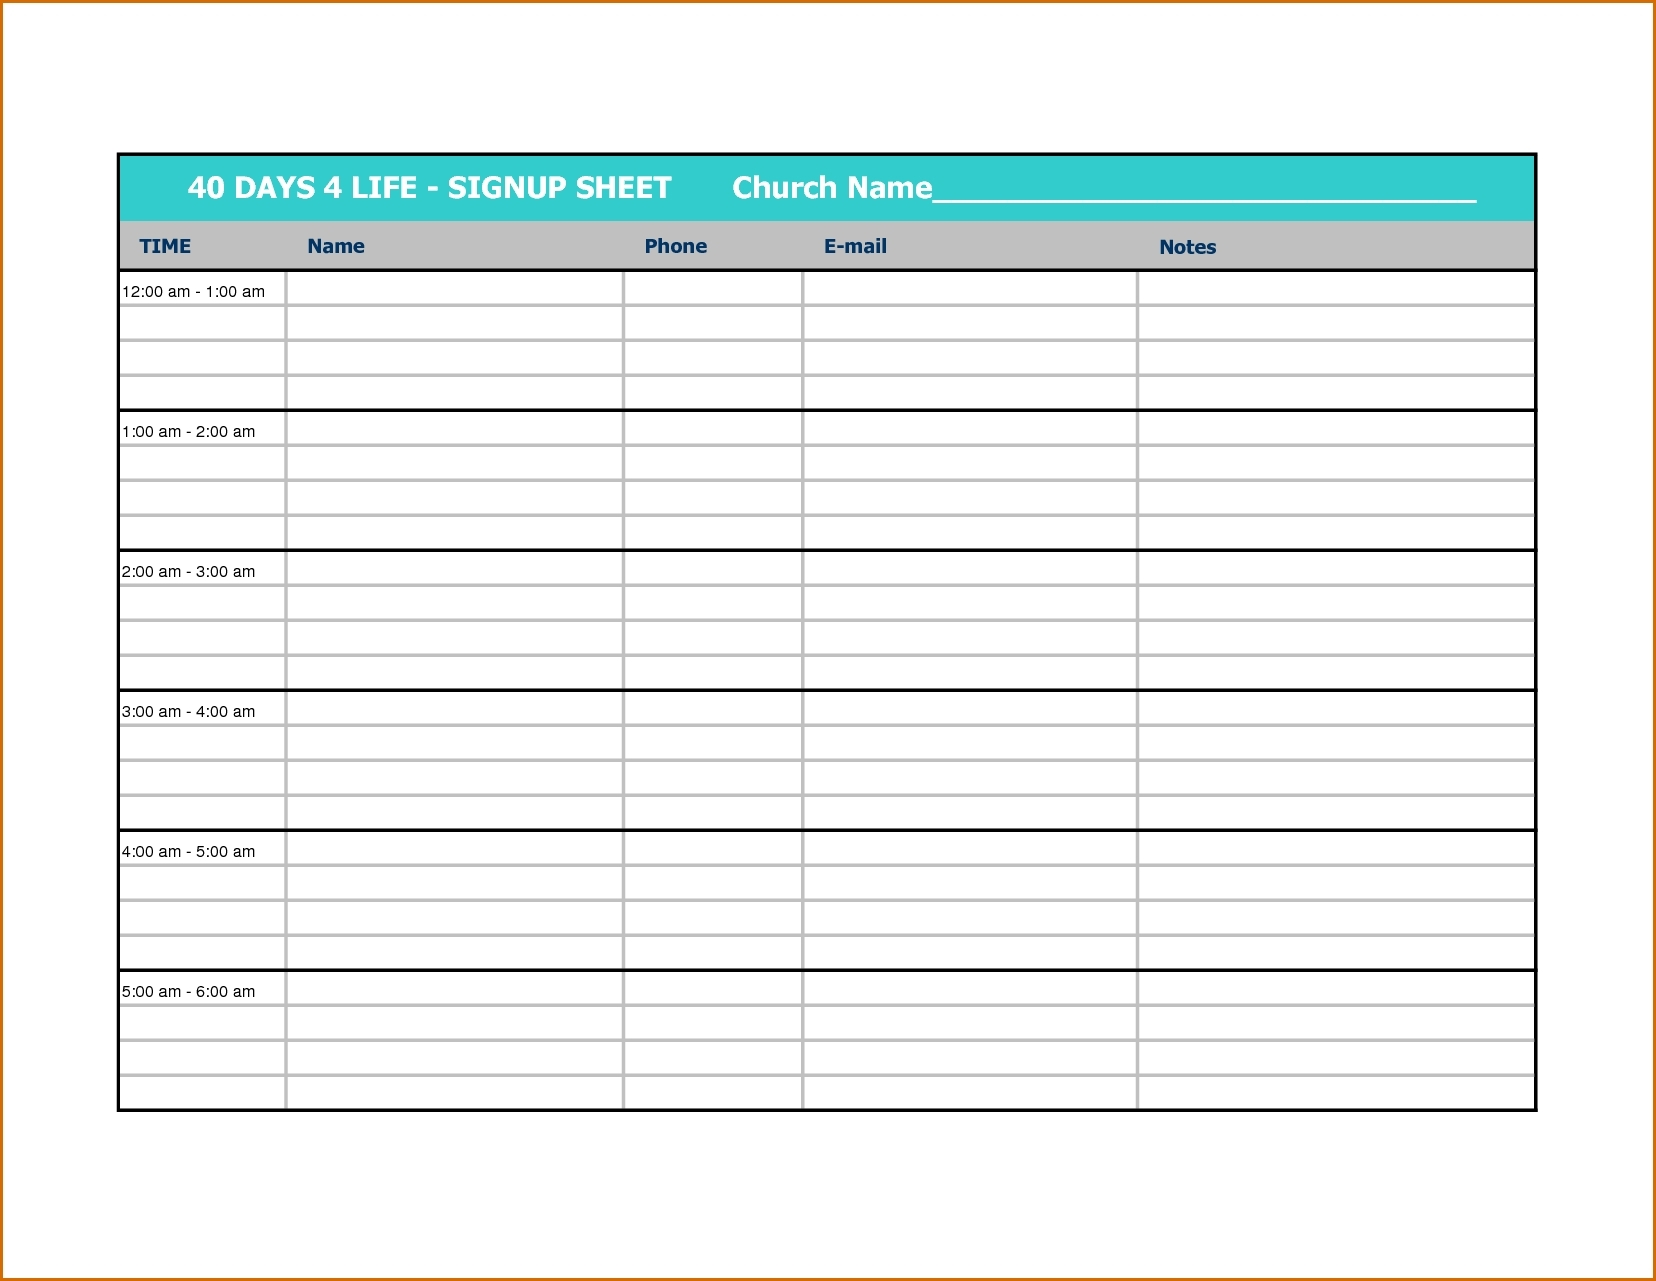 Printable Calendar Sign Up Sheet | Ten Free Printable Calendar 2019-2020